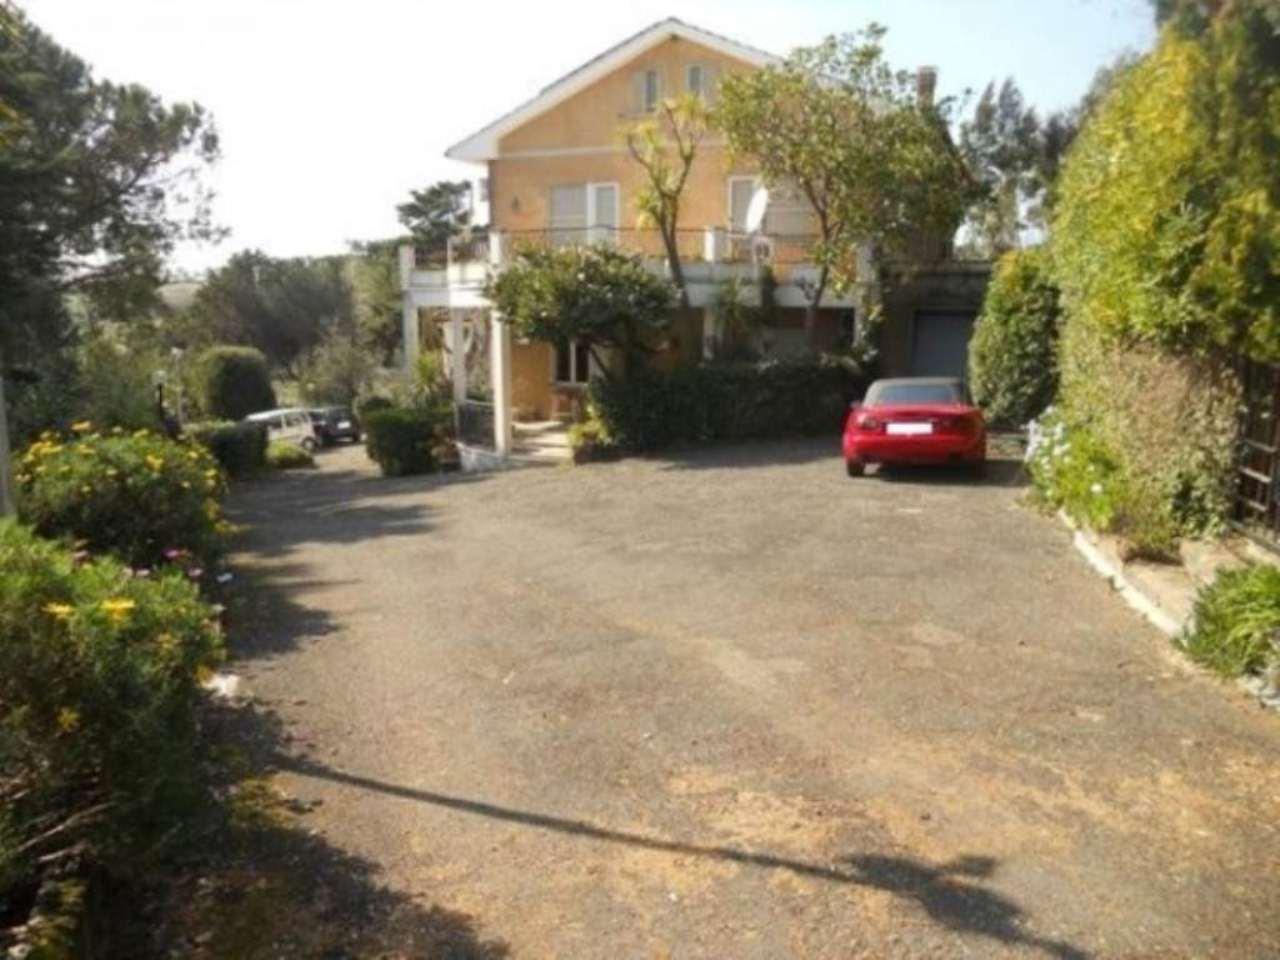 Villa in vendita a Santa Marinella, 6 locali, prezzo € 650.000 | CambioCasa.it